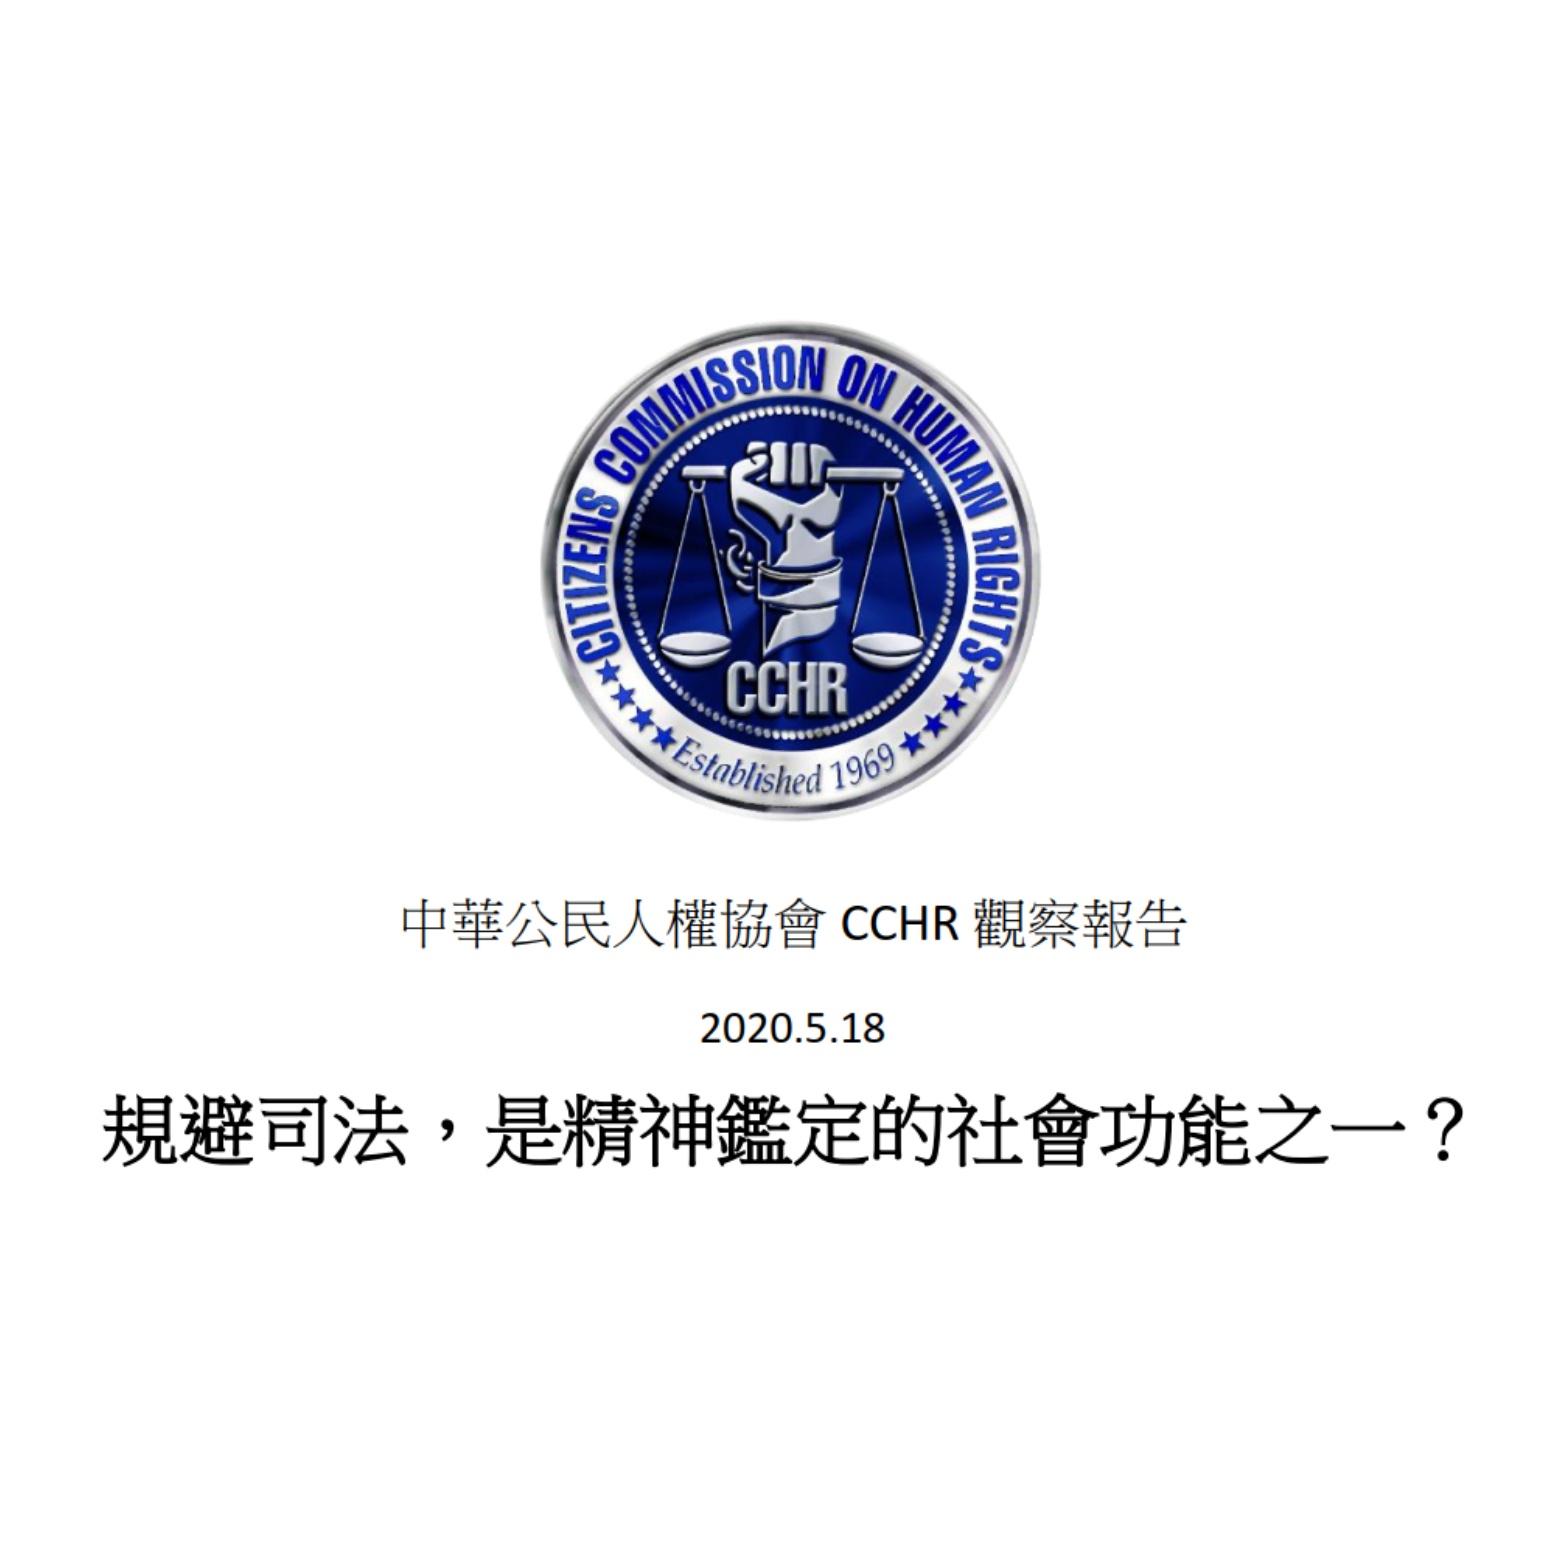 台灣規避司法研究報告:規避司法,是精神鑑定的社會功能之一?